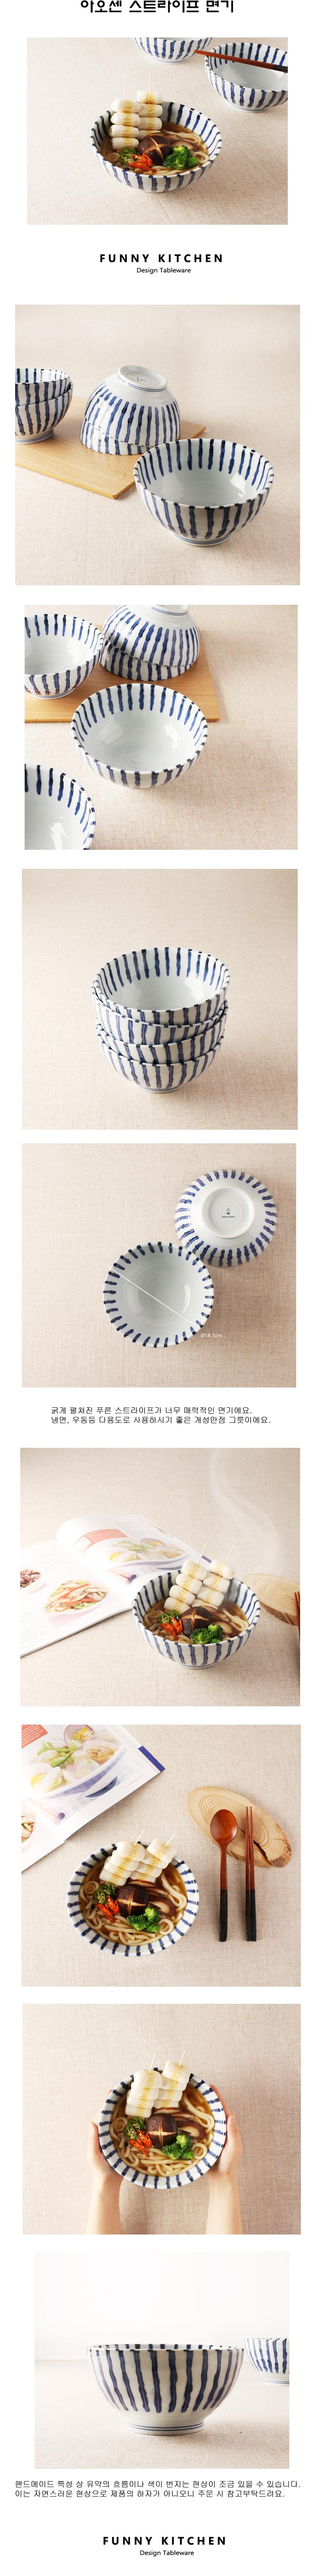 일본면기- 아오센 스트라이프 면기 우동기 일본그릇 - 퍼니키친, 12,000원, 파스타/면기/스프, 면기